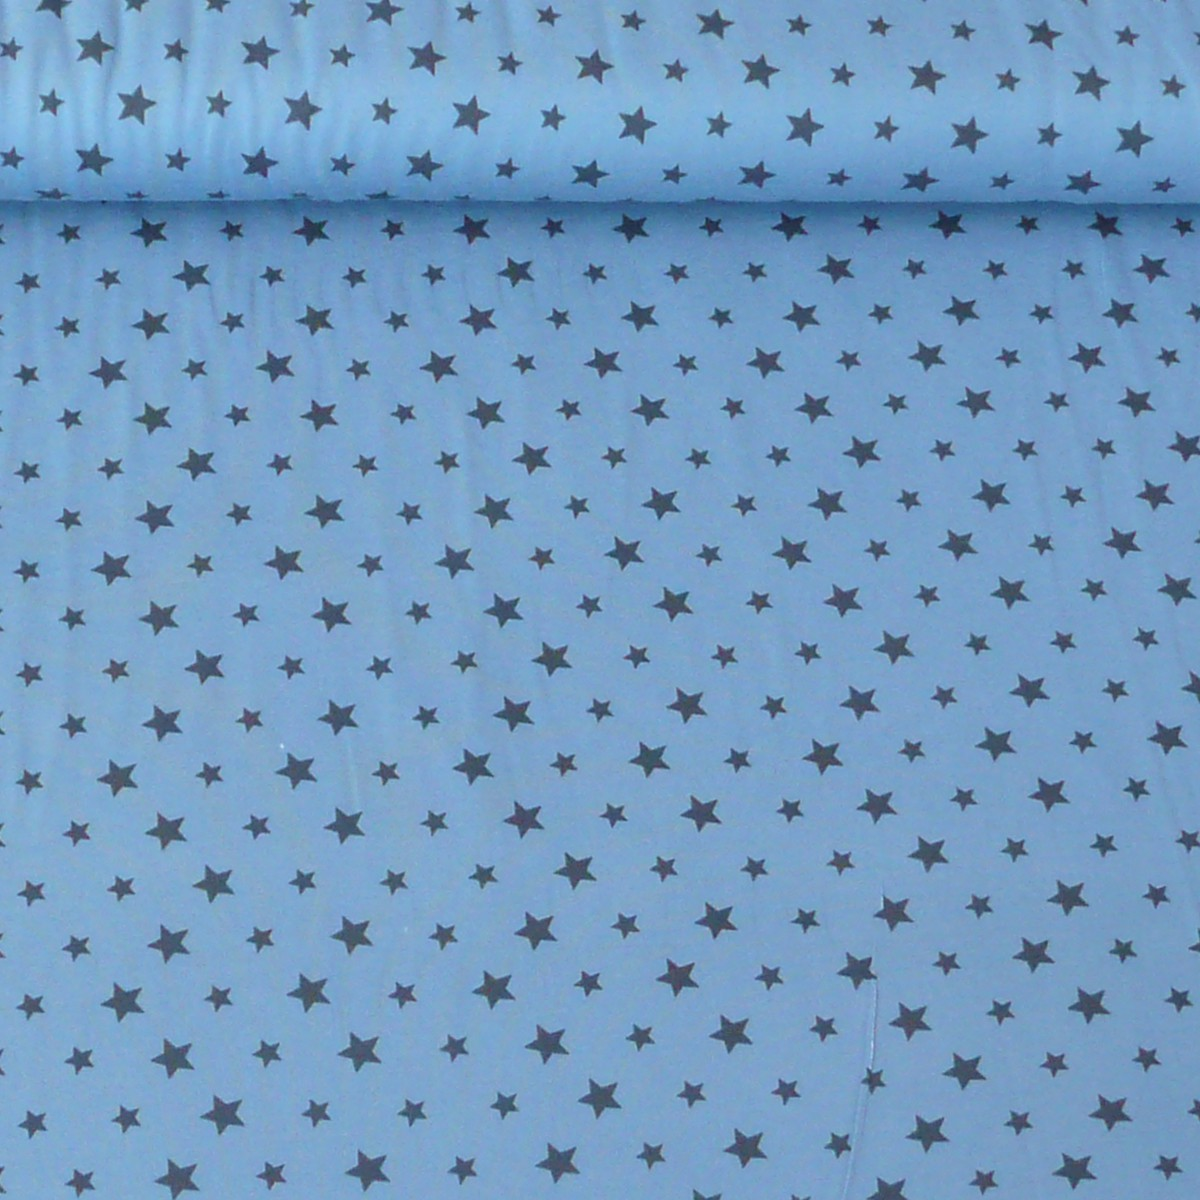 jersey stoff sterne blau dunkelblau stoffe stoffe gemustert stoff sterne. Black Bedroom Furniture Sets. Home Design Ideas